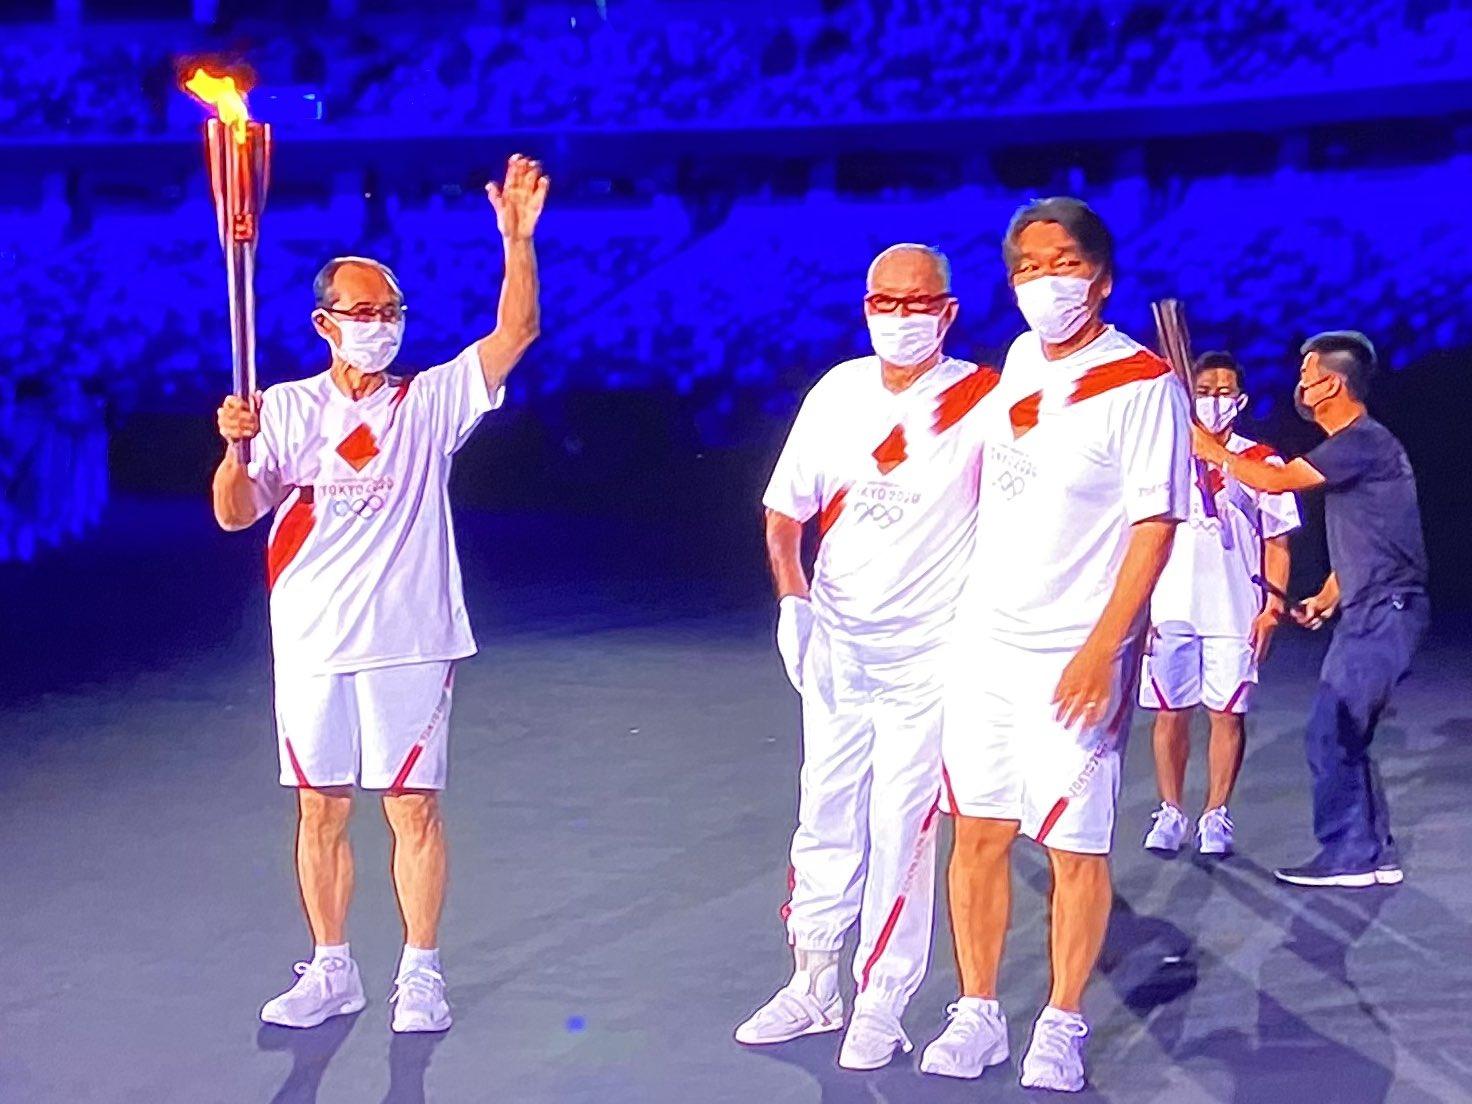 東京オリンピック開会式での長島茂雄、王貞治登場と日本画や日本の伝統文化の類似性について